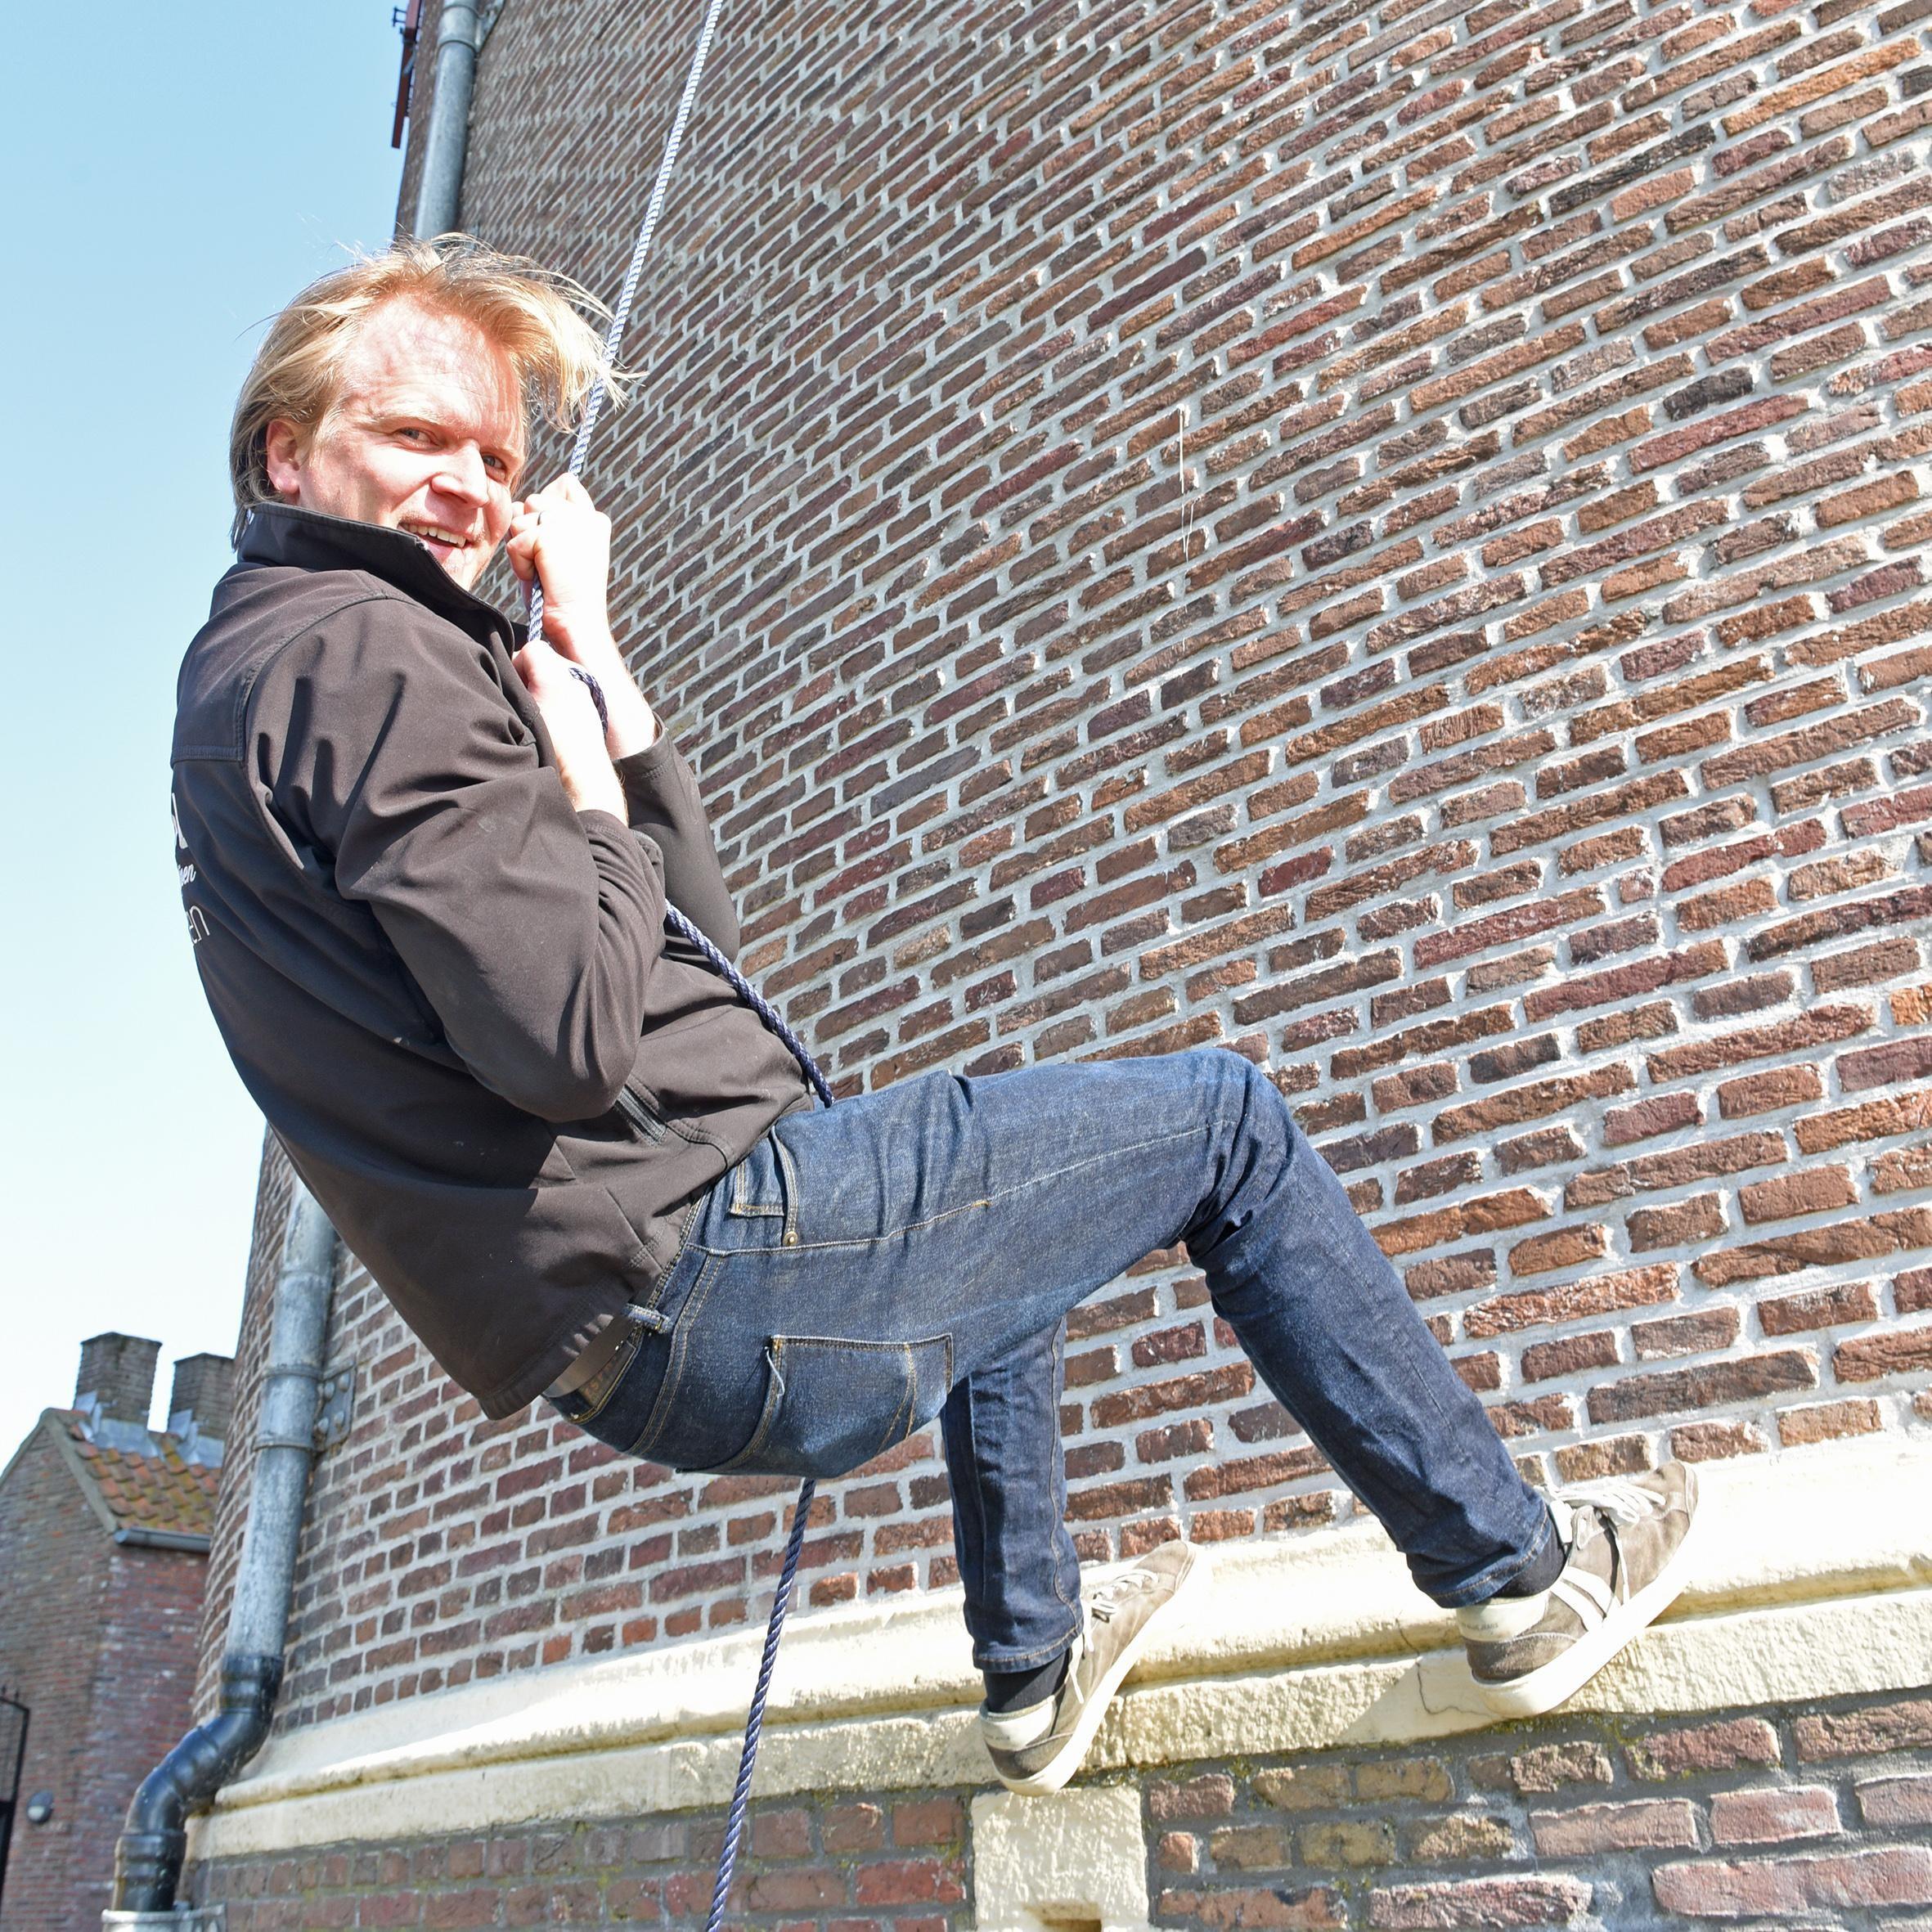 De Boer stapt uit brouwerij De Werf in Enkhuizen - Noordhollands Dagblad